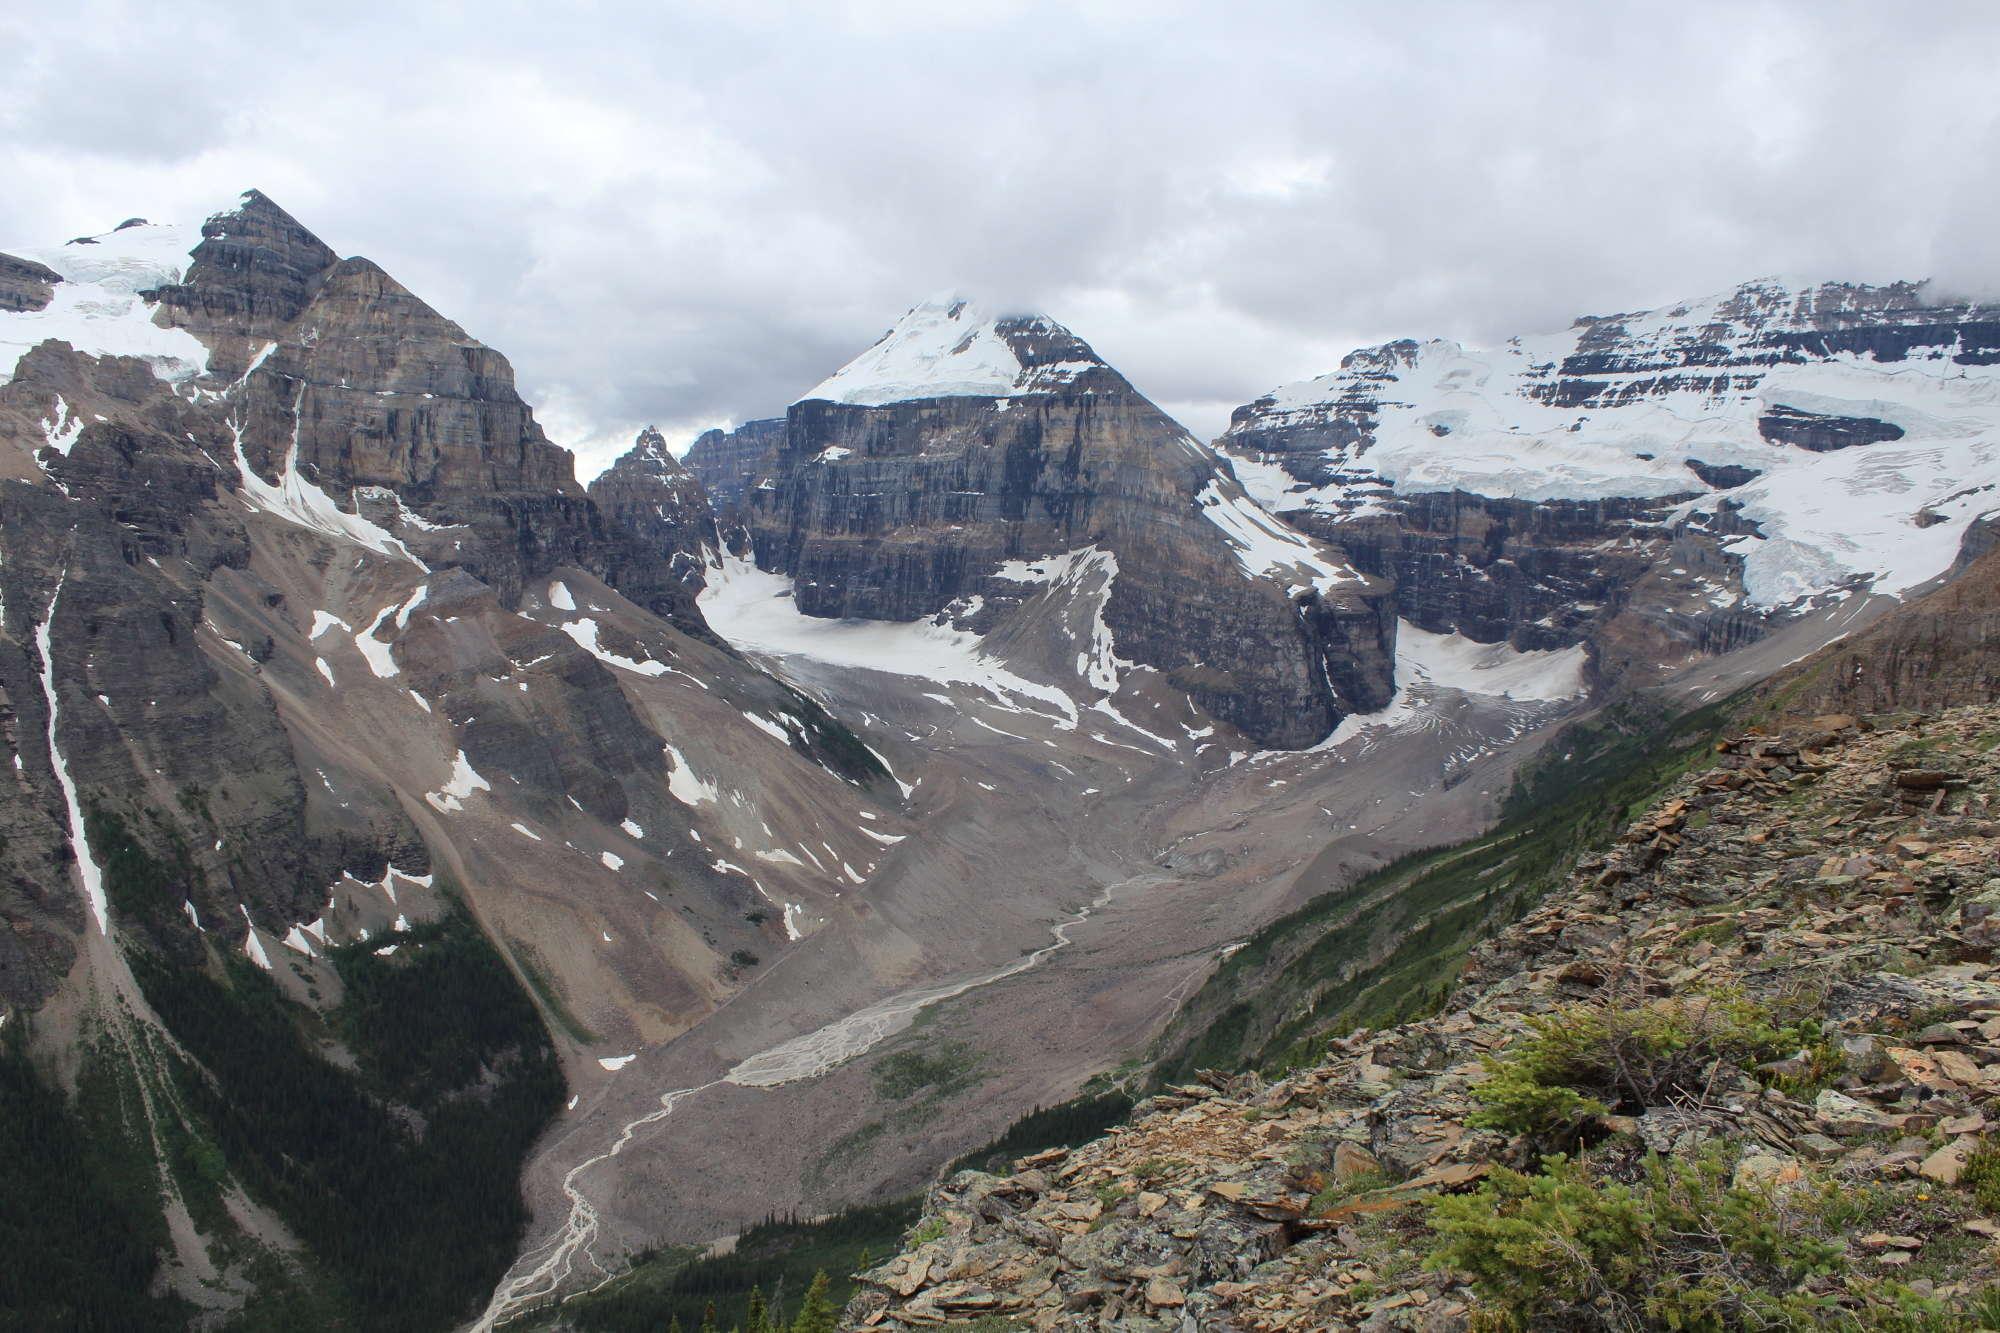 Mt. Victoria Glacier